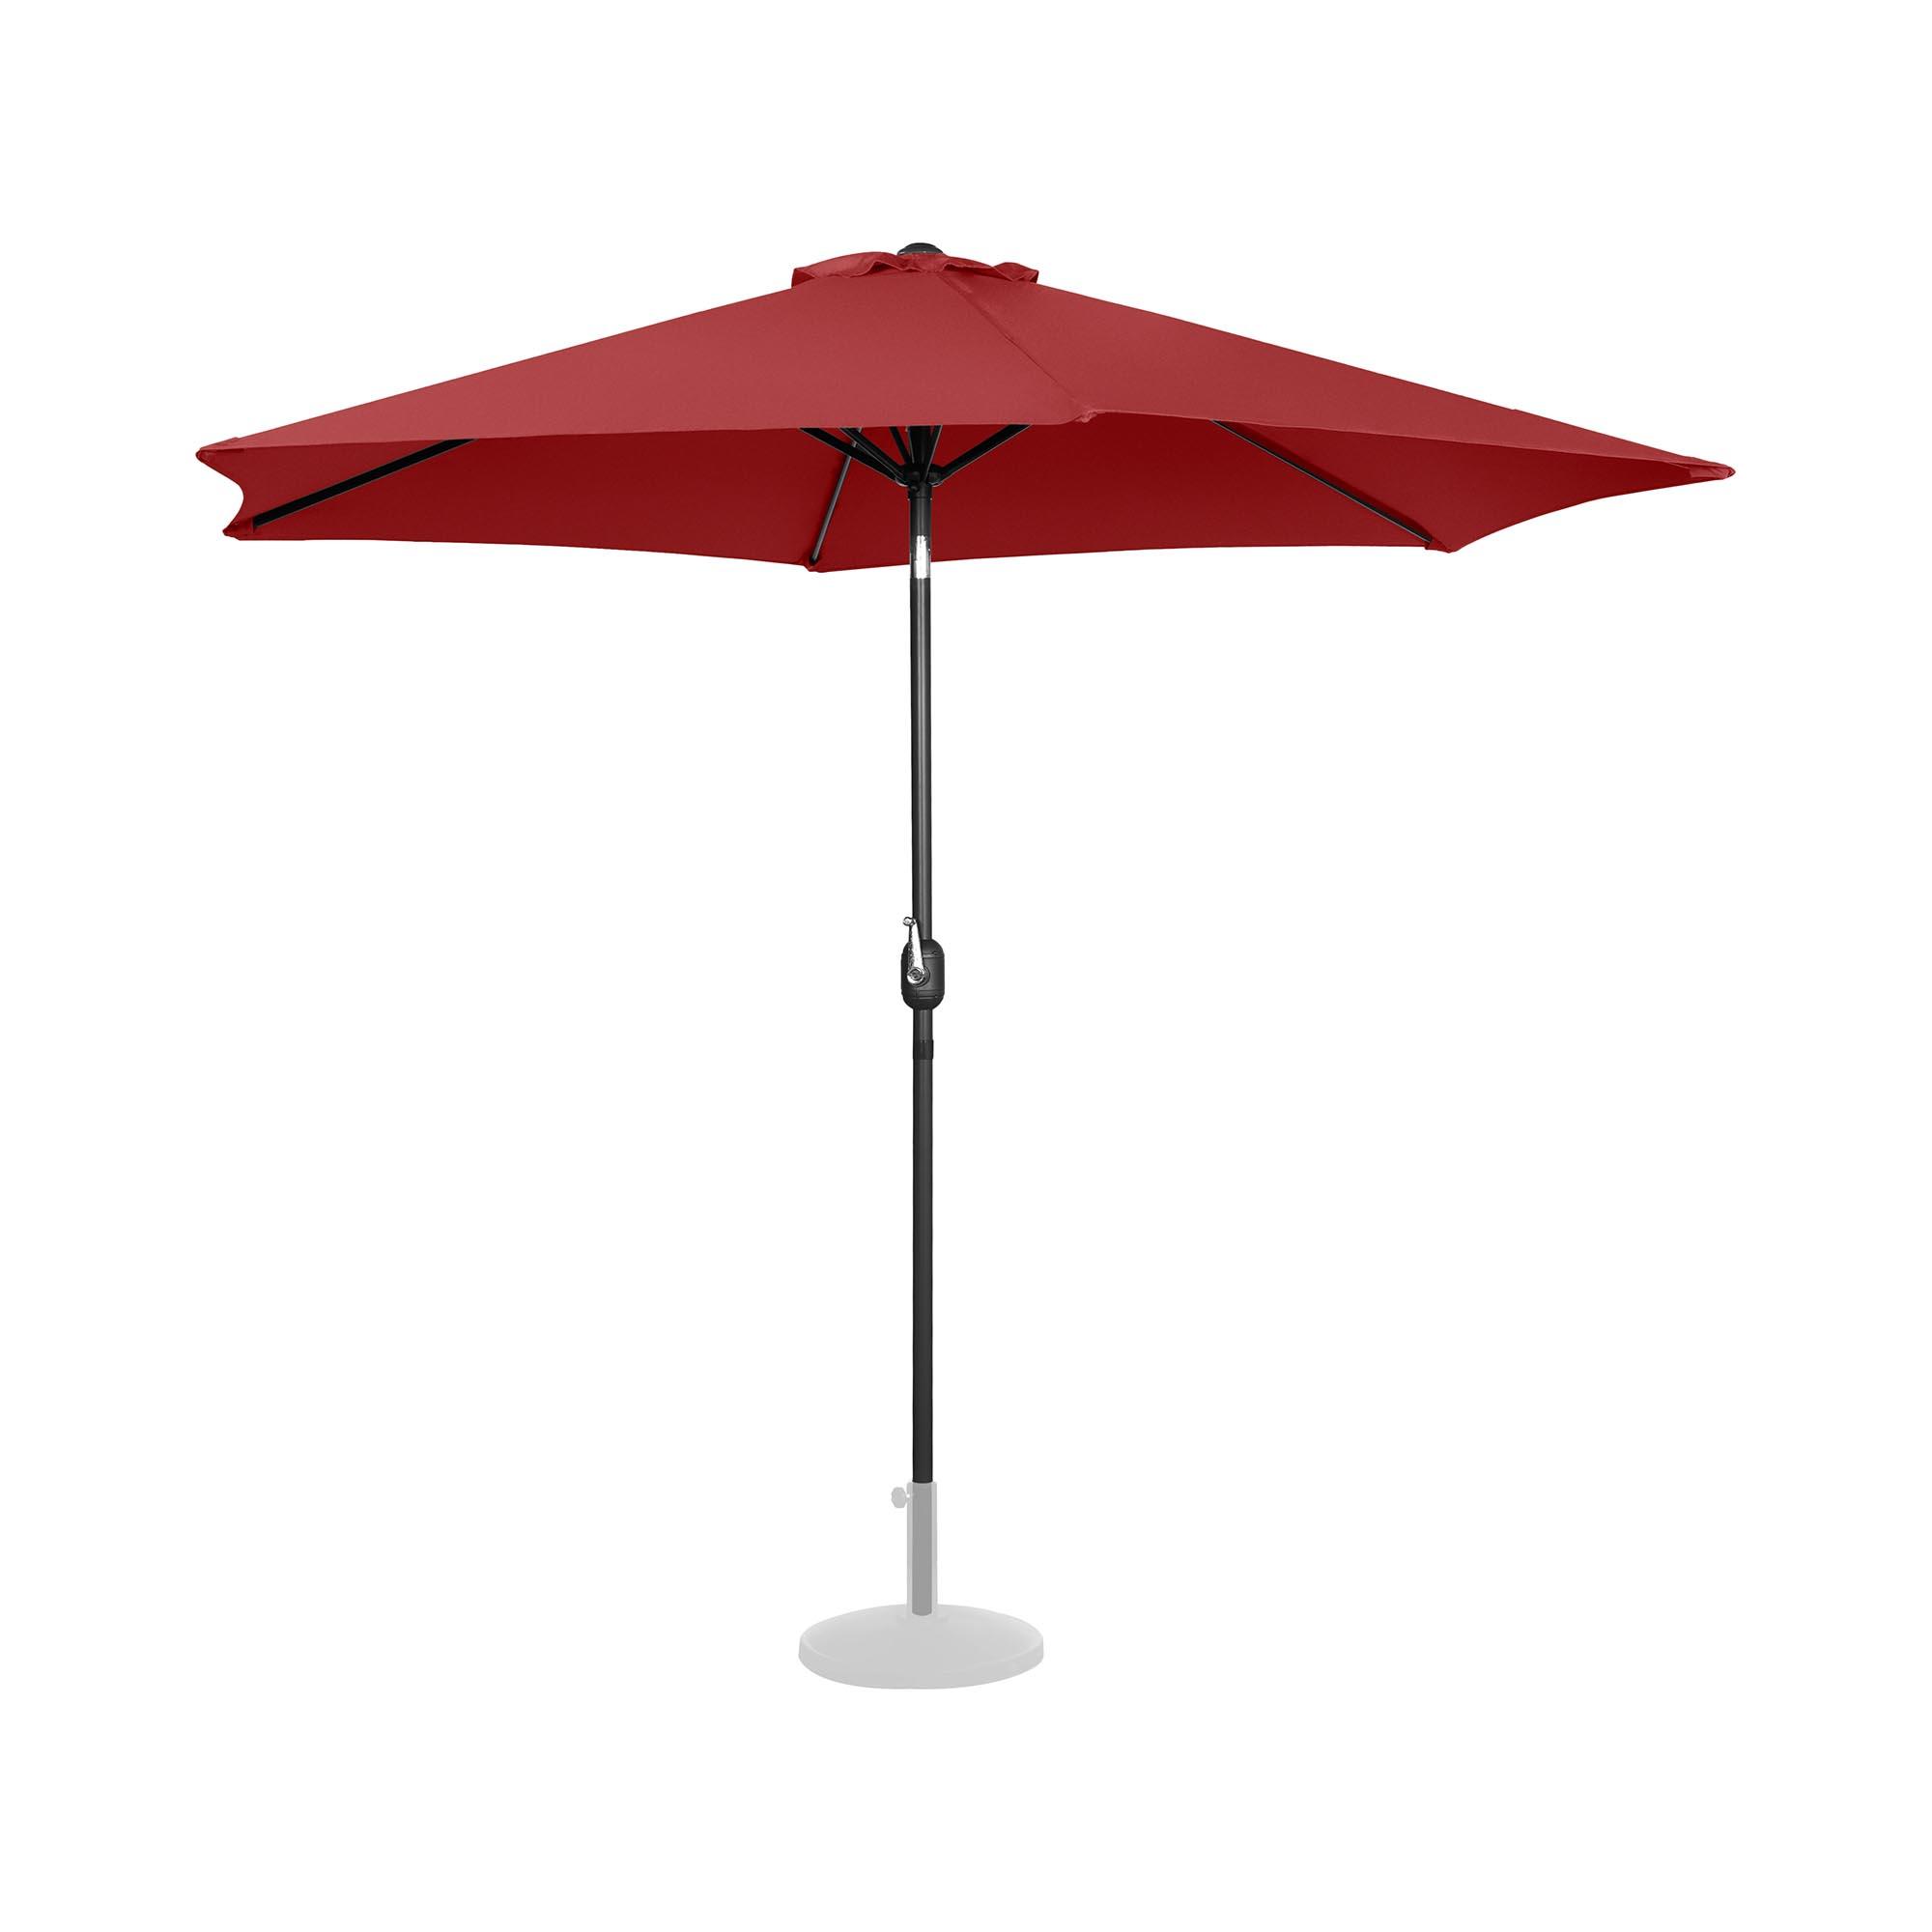 Uniprodo Sonnenschirm groß - bordeaux - sechseckig - Ø 300 cm - neigbar 10250126